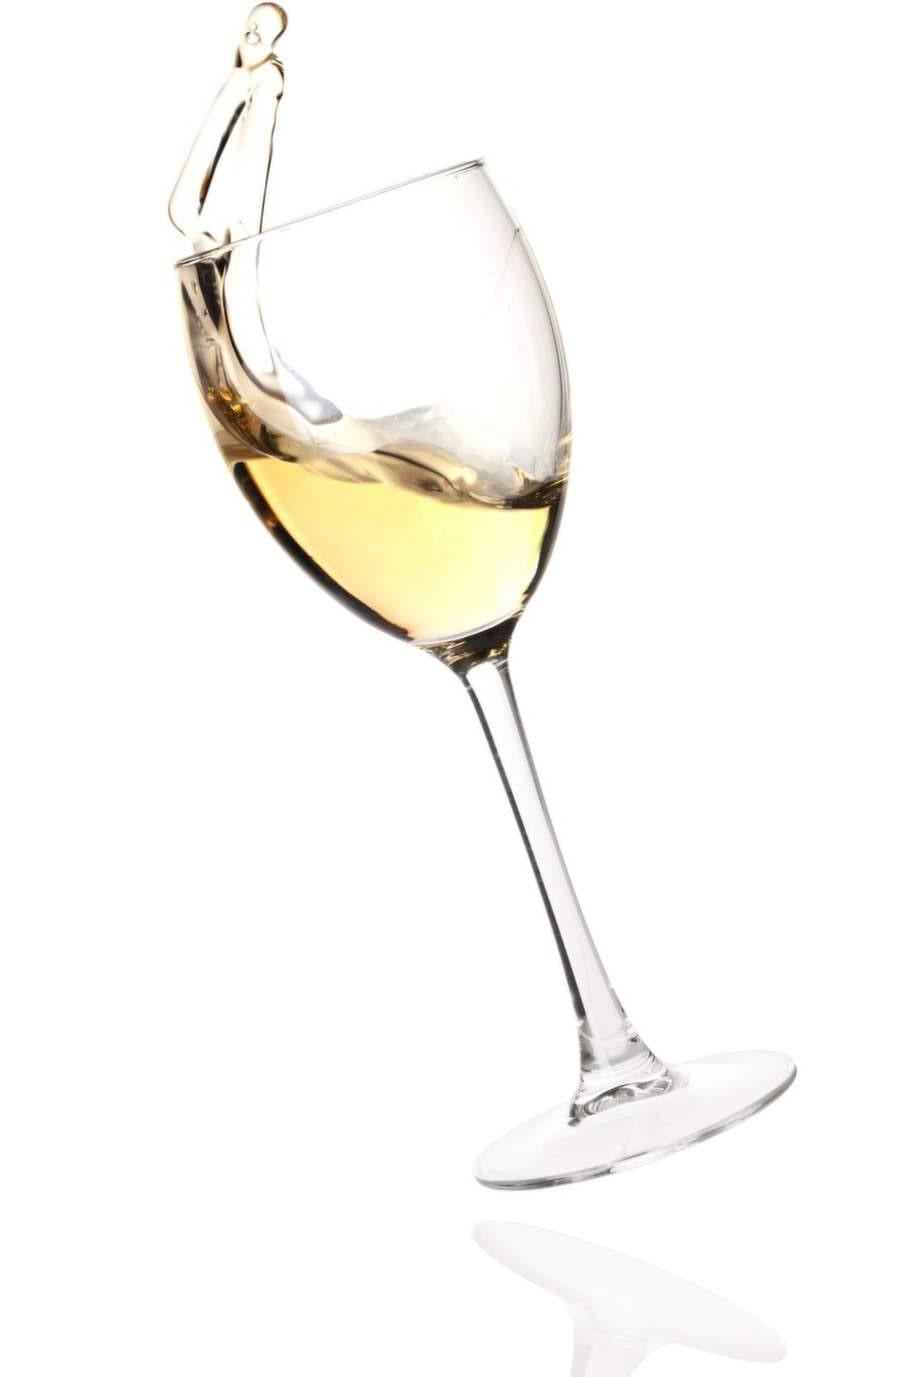 5. Vitt vinForskare har tjatat om detta länge. Vitt  vin hjälper mot fläckar från rött vin. Snåla inte när du häller vinet  på fläcken! Det vita vinet, som egentligen är detsamma som det röda  vinet, men utan pigment, späder ut fläcken. Upprepa tills du är nöjd.  Fungerar bäst på relativt färska fläckar.Källa.